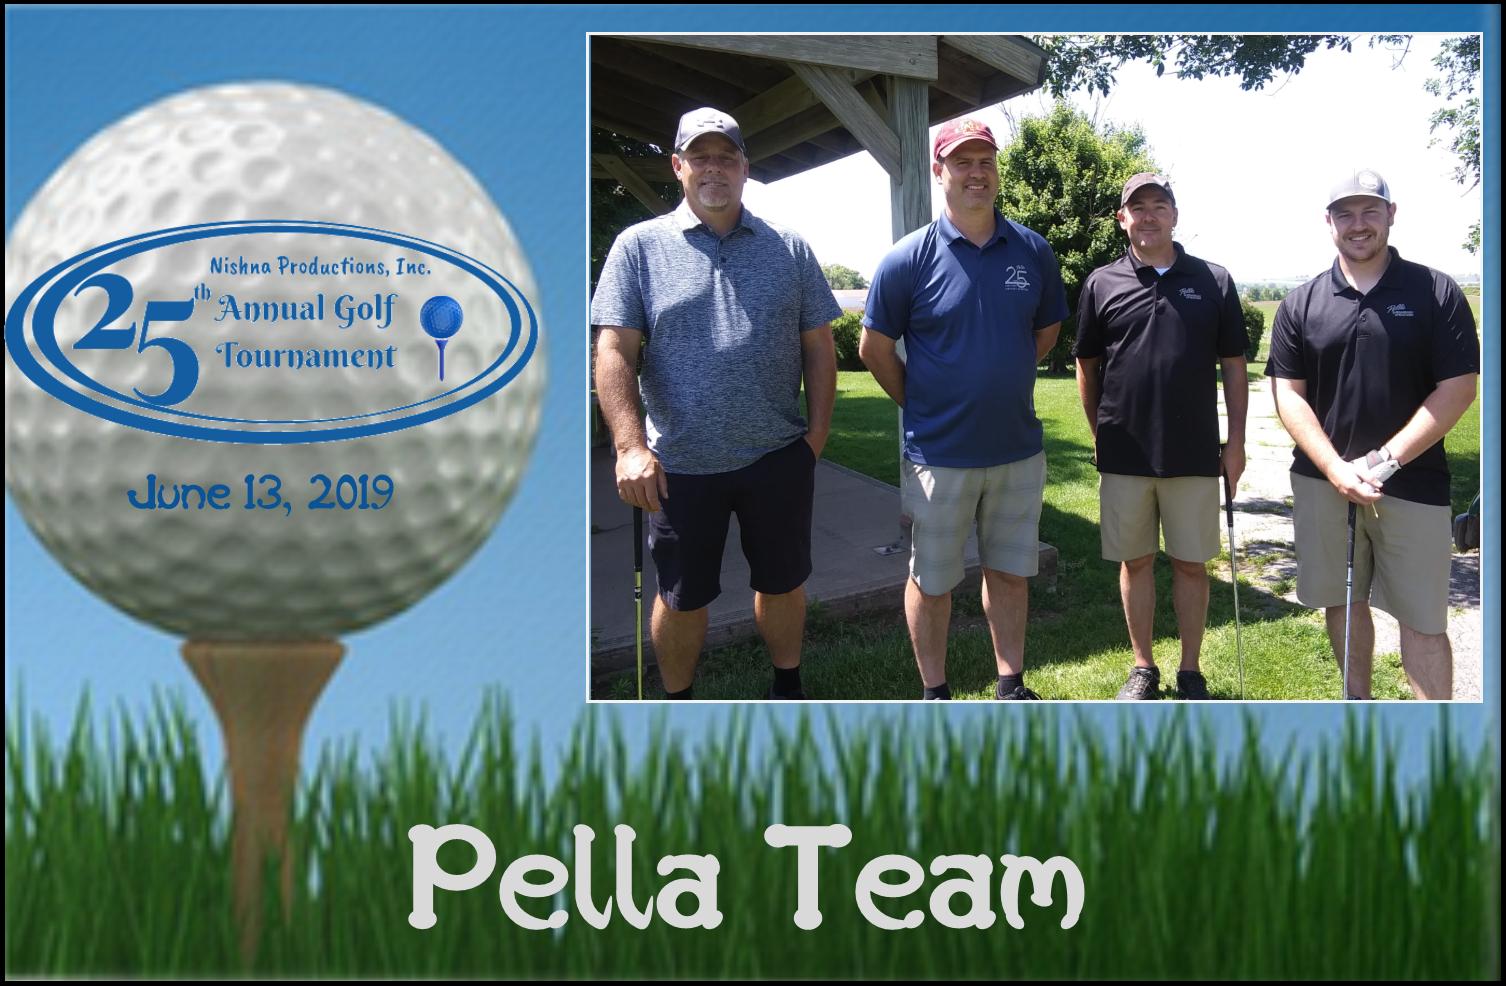 Pella Team